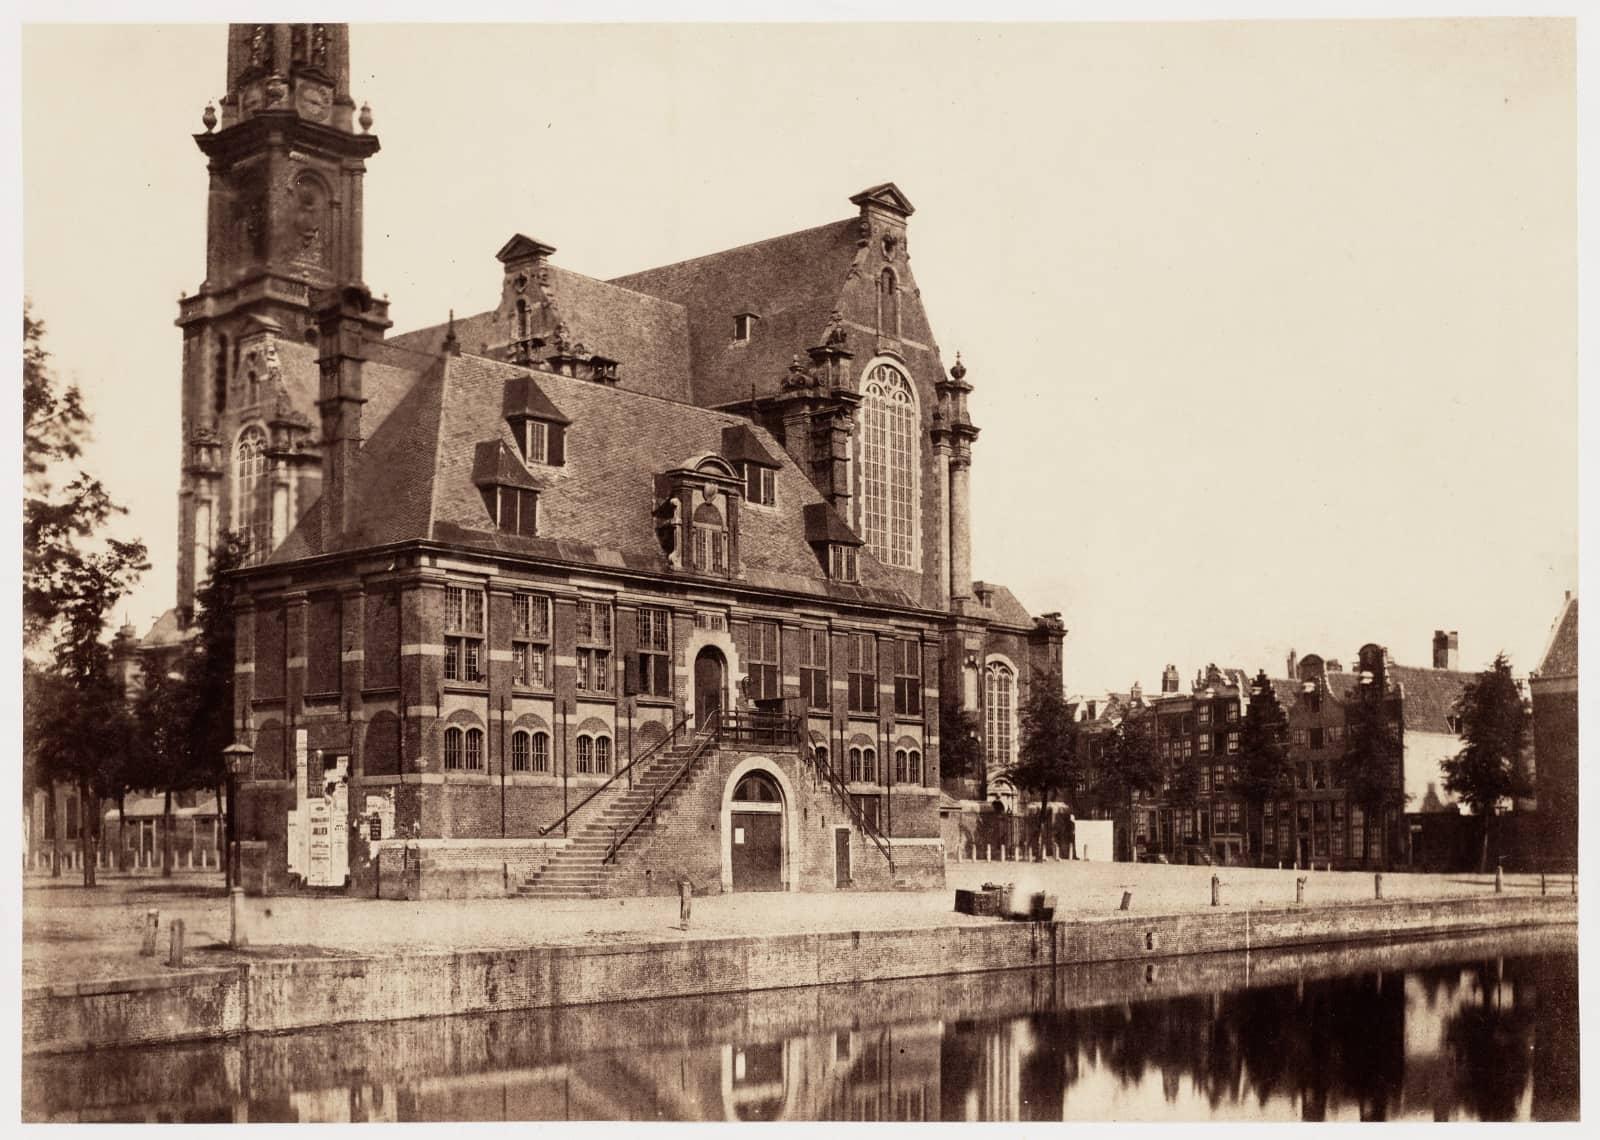 Benjamin Brecknell Turner, De Westermarkt, 1857 (Albuminedruk van papiernegatief, zgn. calotypie 273 x 388 mm)